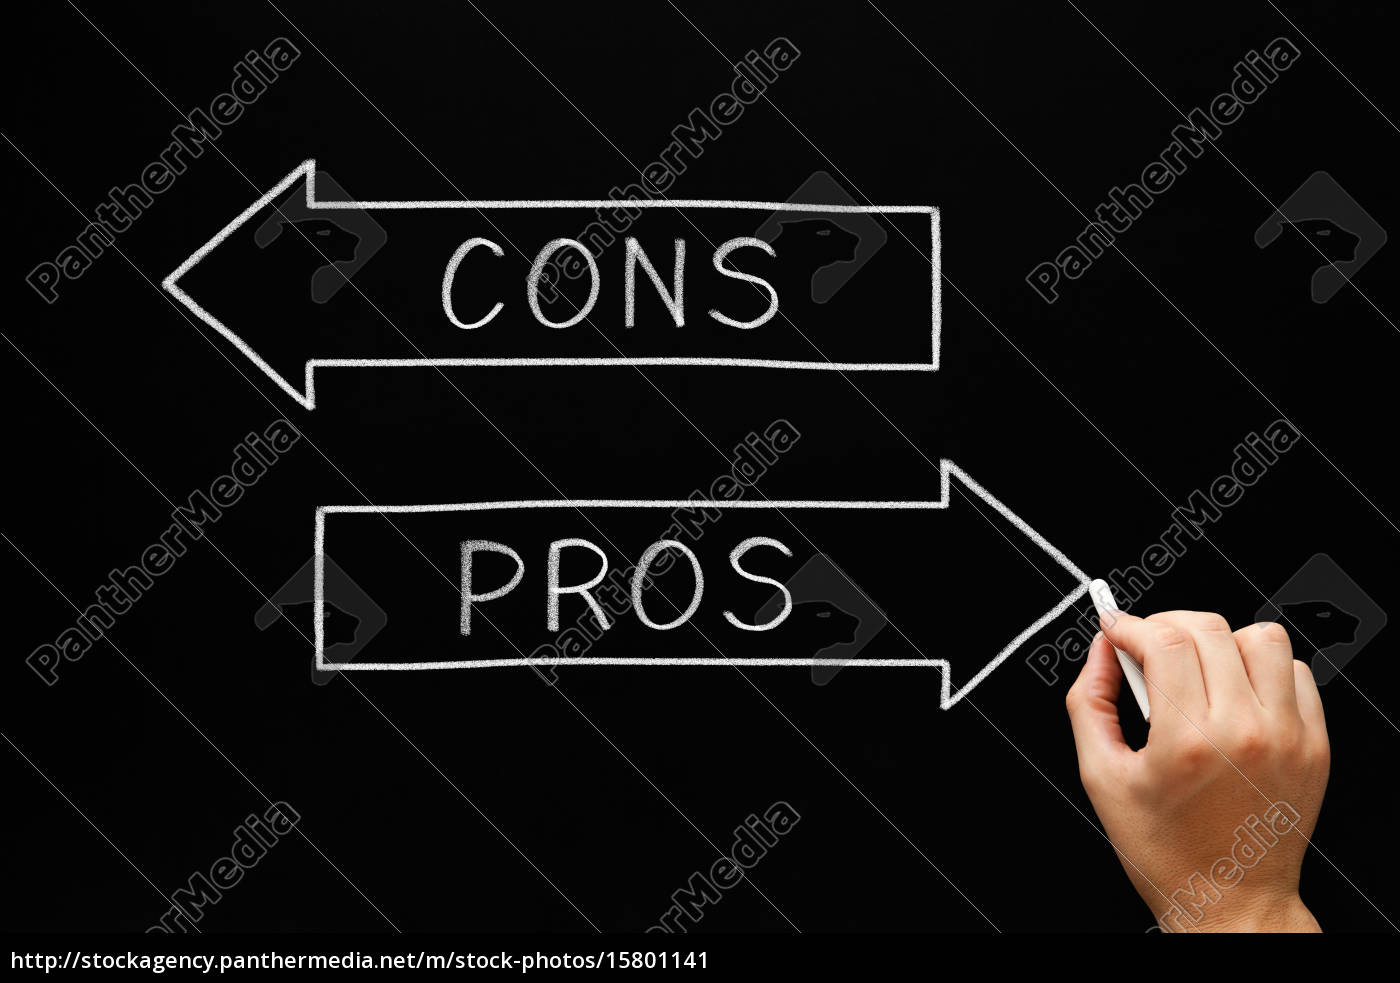 pros, cons, arrows, blackboard - 15801141